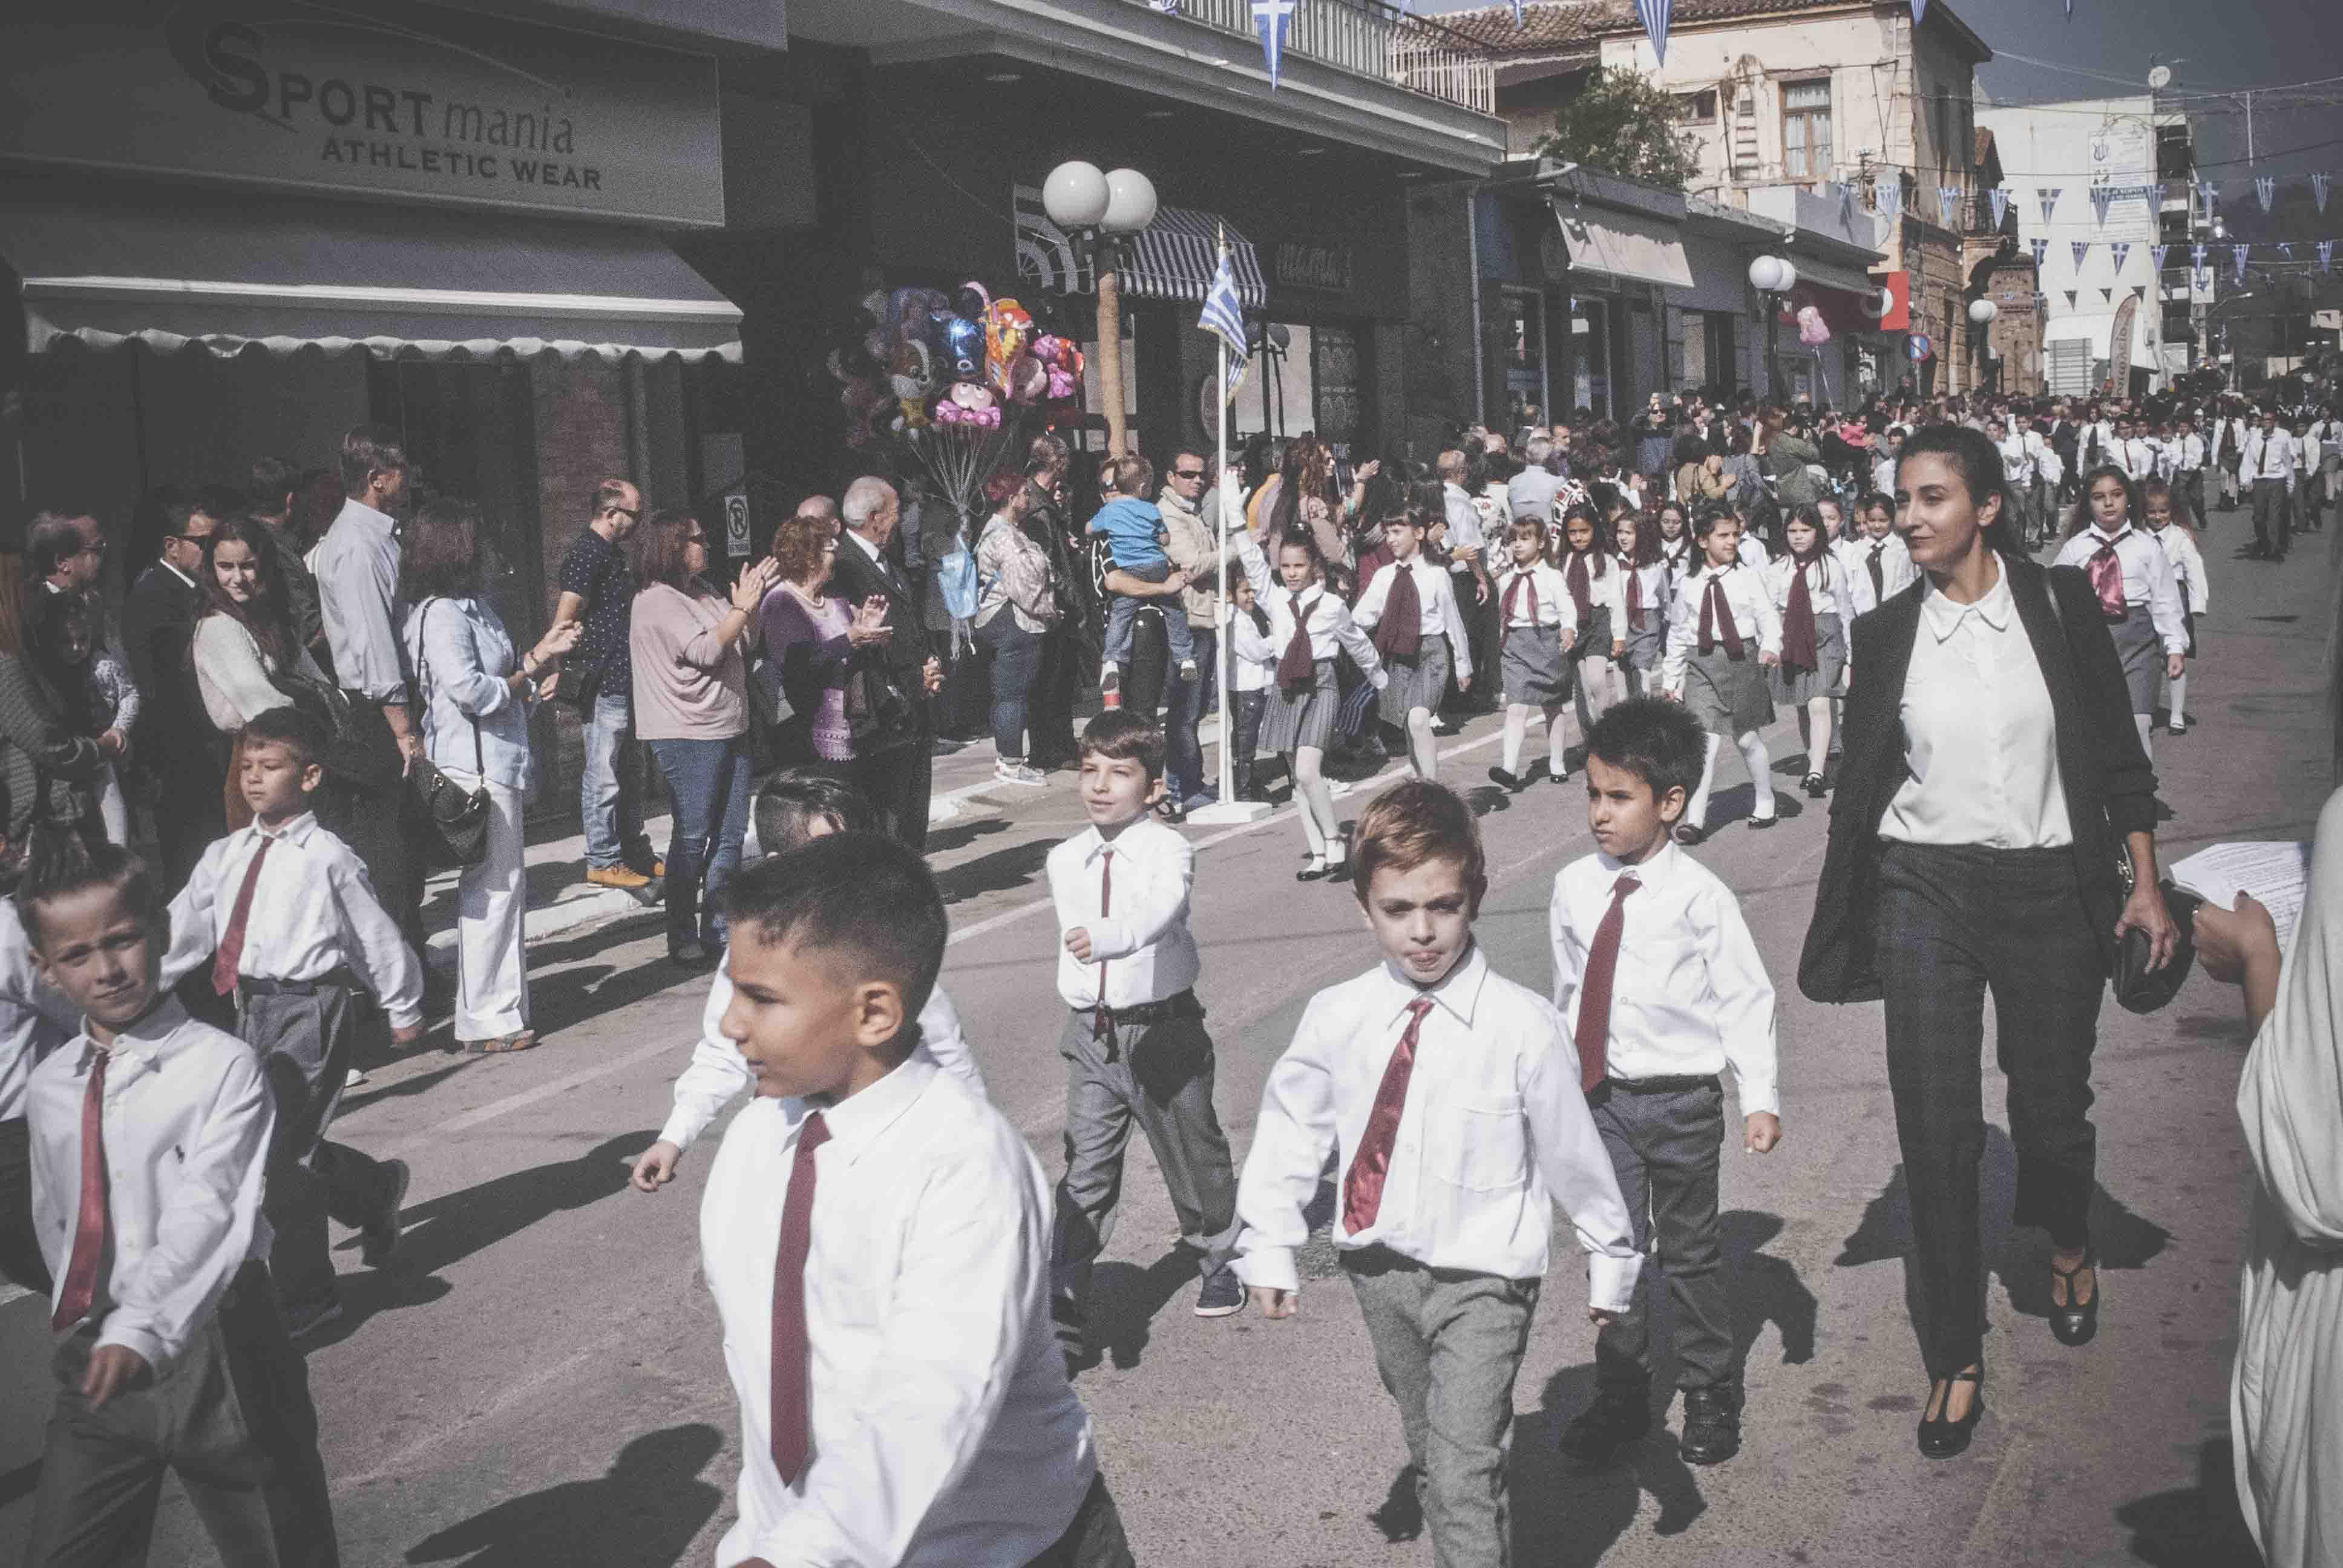 Φωτογραφικό υλικό από την παρέλαση στα Ψαχνά Φωτογραφικό υλικό από την παρέλαση στα Ψαχνά DSC 0354